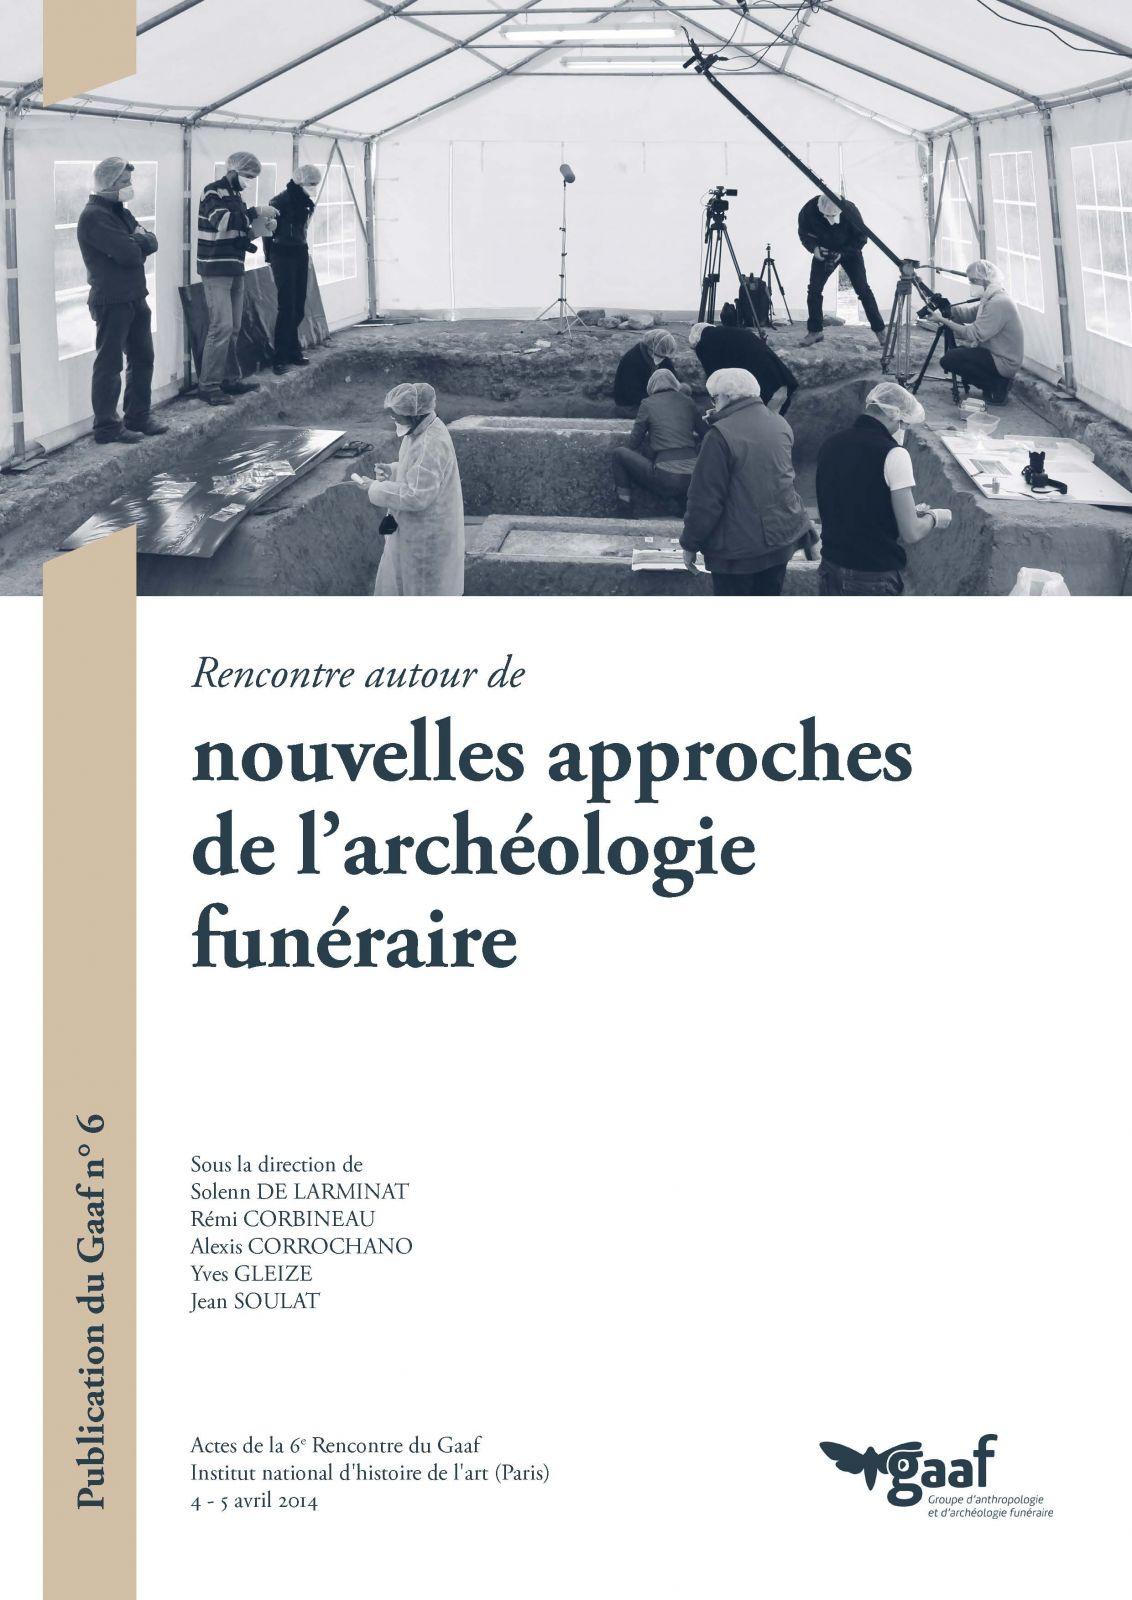 Nouvelles approches de l'archéologie funéraire (couverture de l'ouvrage)